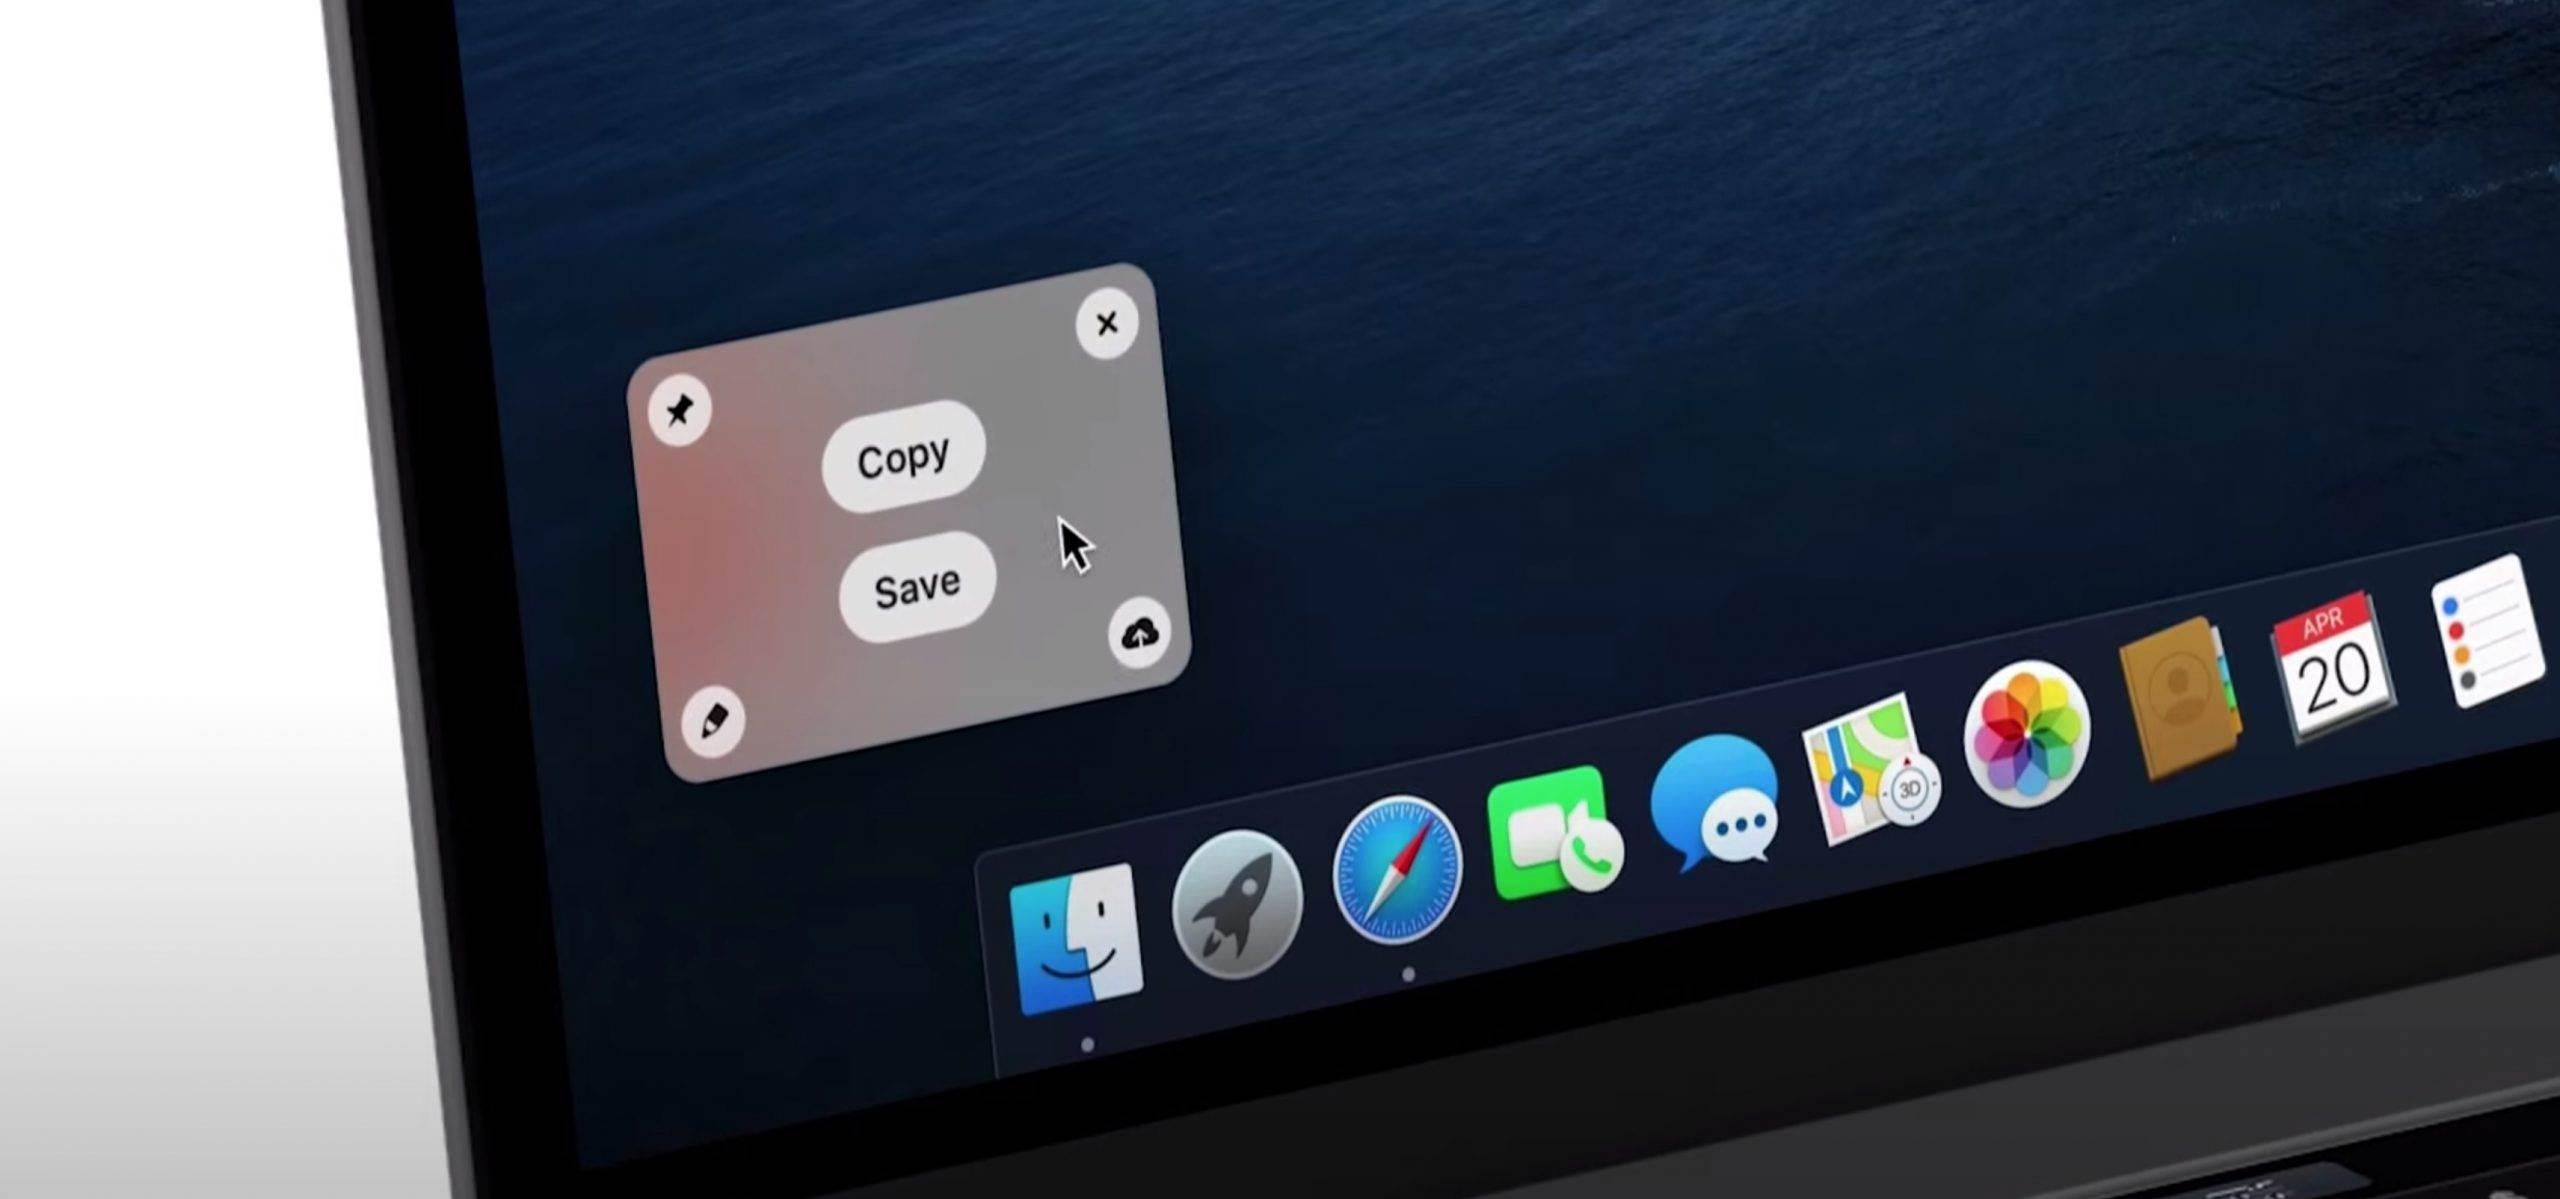 CleanShot X - zrzuty i nagrania ekranu na wyższym poziomie recenzje, polecane, ciekawostki Wideo, Recenzja, program do zrzutów ekranu, download, CleanShot X, Apple  macOS, a zwłaszcza dawny Mac OS X, zawsze kojarzył mi się ze stawianiem wyglądu programu przynajmniej na równi z jego funkcjonalnością. 1@2x 1 scaled